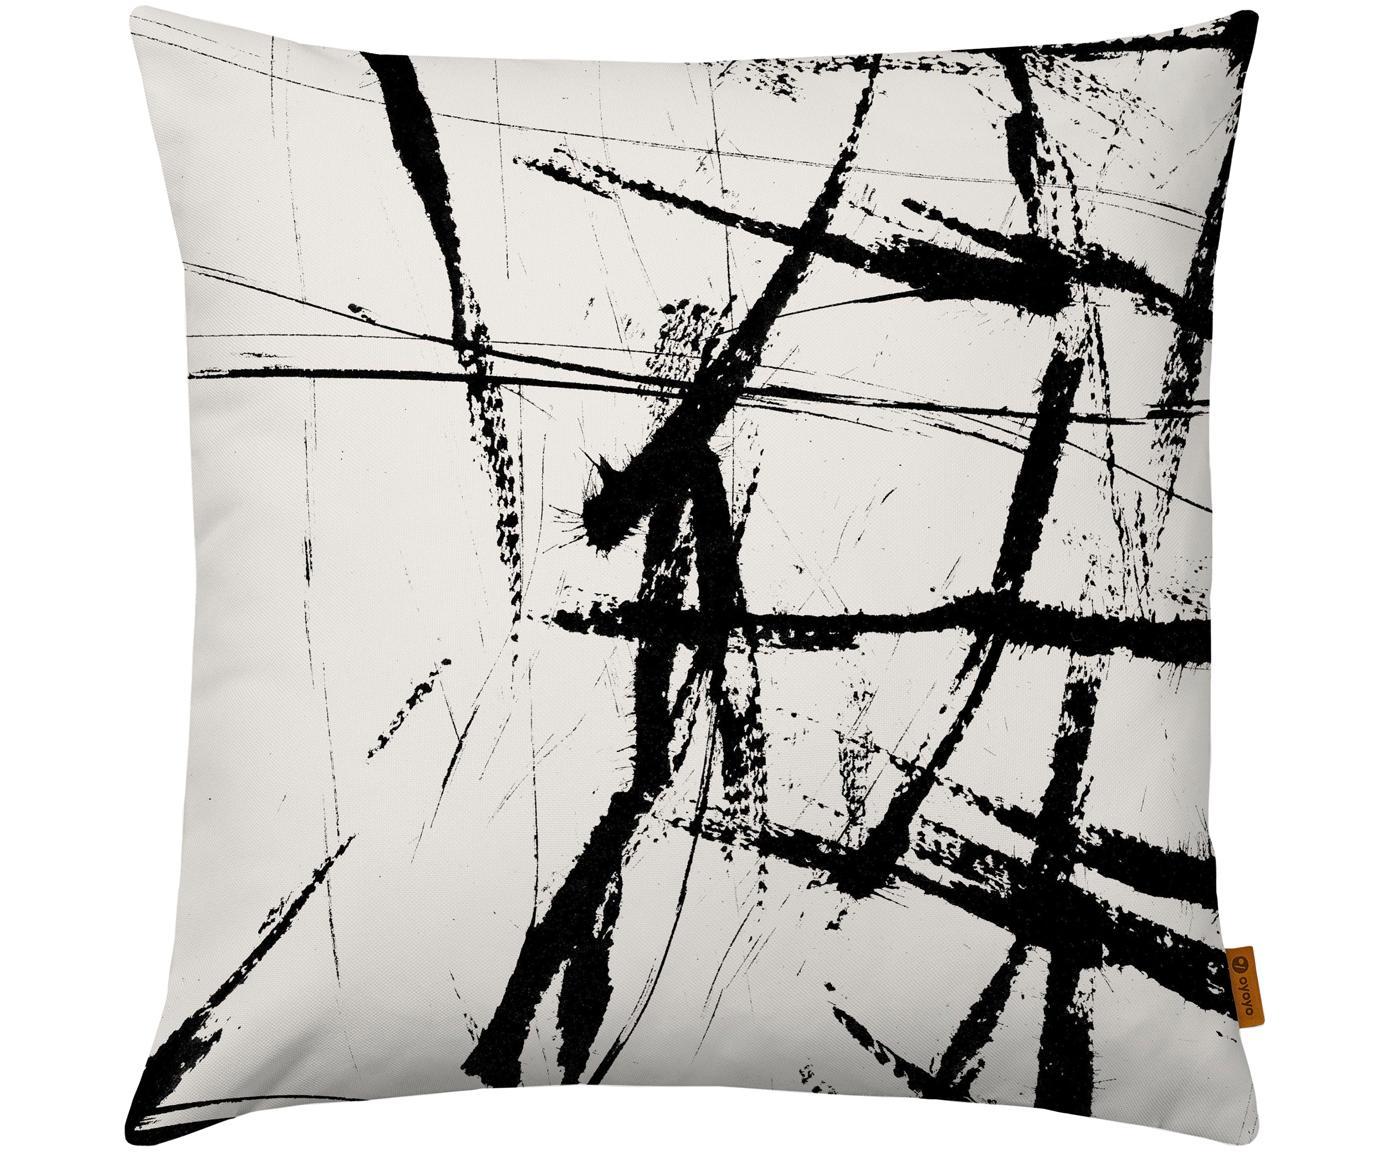 Poszewka na poduszkę Neven, Poliester, Czarny, biały, S 40 x D 40 cm